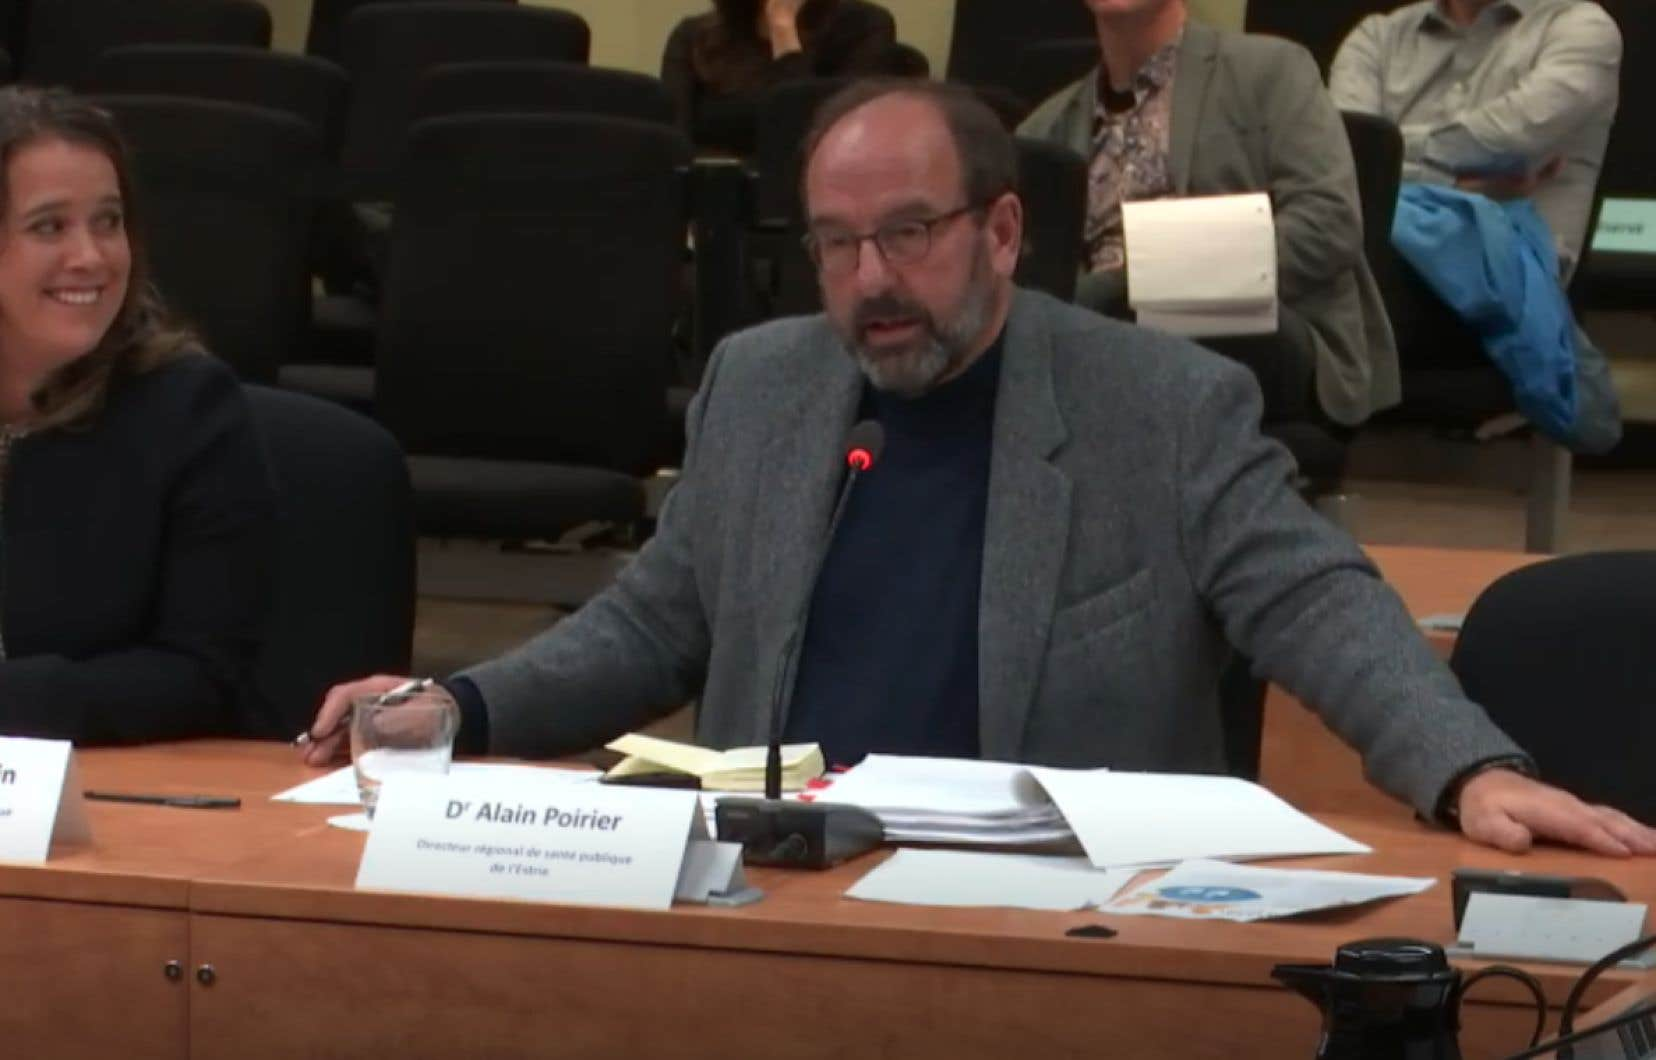 Le Dr Alain Poirier, directeur régional de santé publique de l'Estrie, a plaidé au nom de ses 18 collègues pour une réduction des inégalités sociales afin de lutter efficacement contre la maltraitance des enfants.